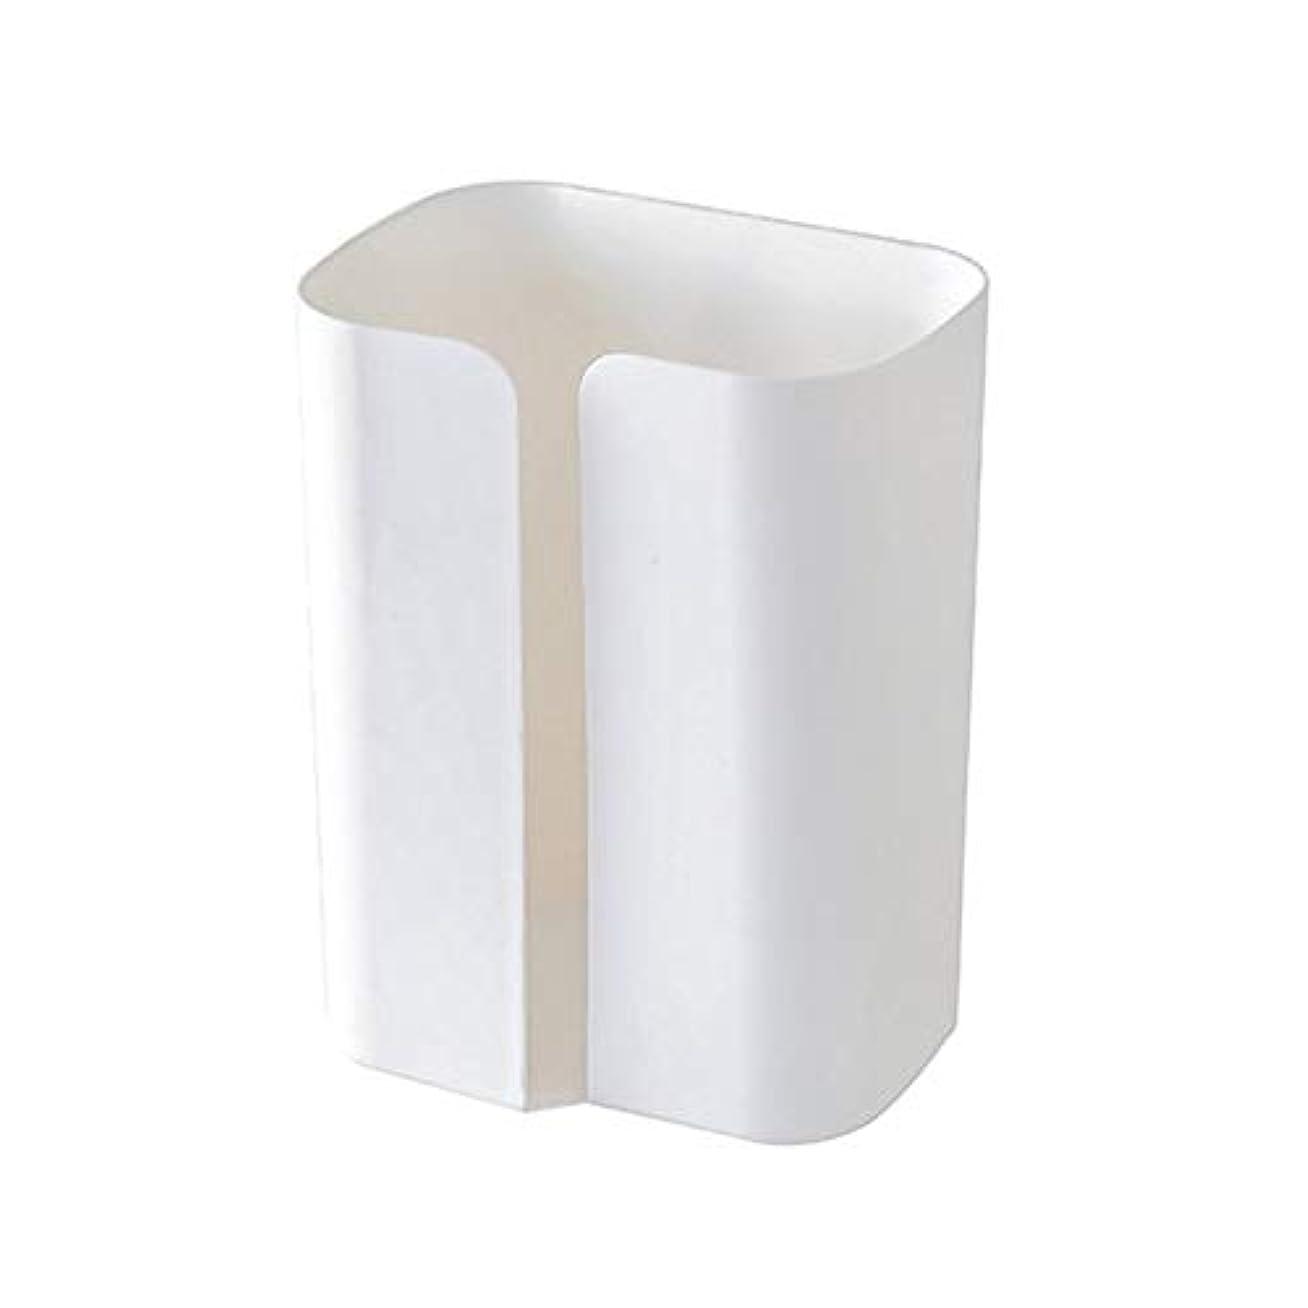 困惑するマニアックただトイレットペーパーボックス防水非穴あきトイレ浴室ティッシュホルダートイレ衛生ロール紙トレイラック